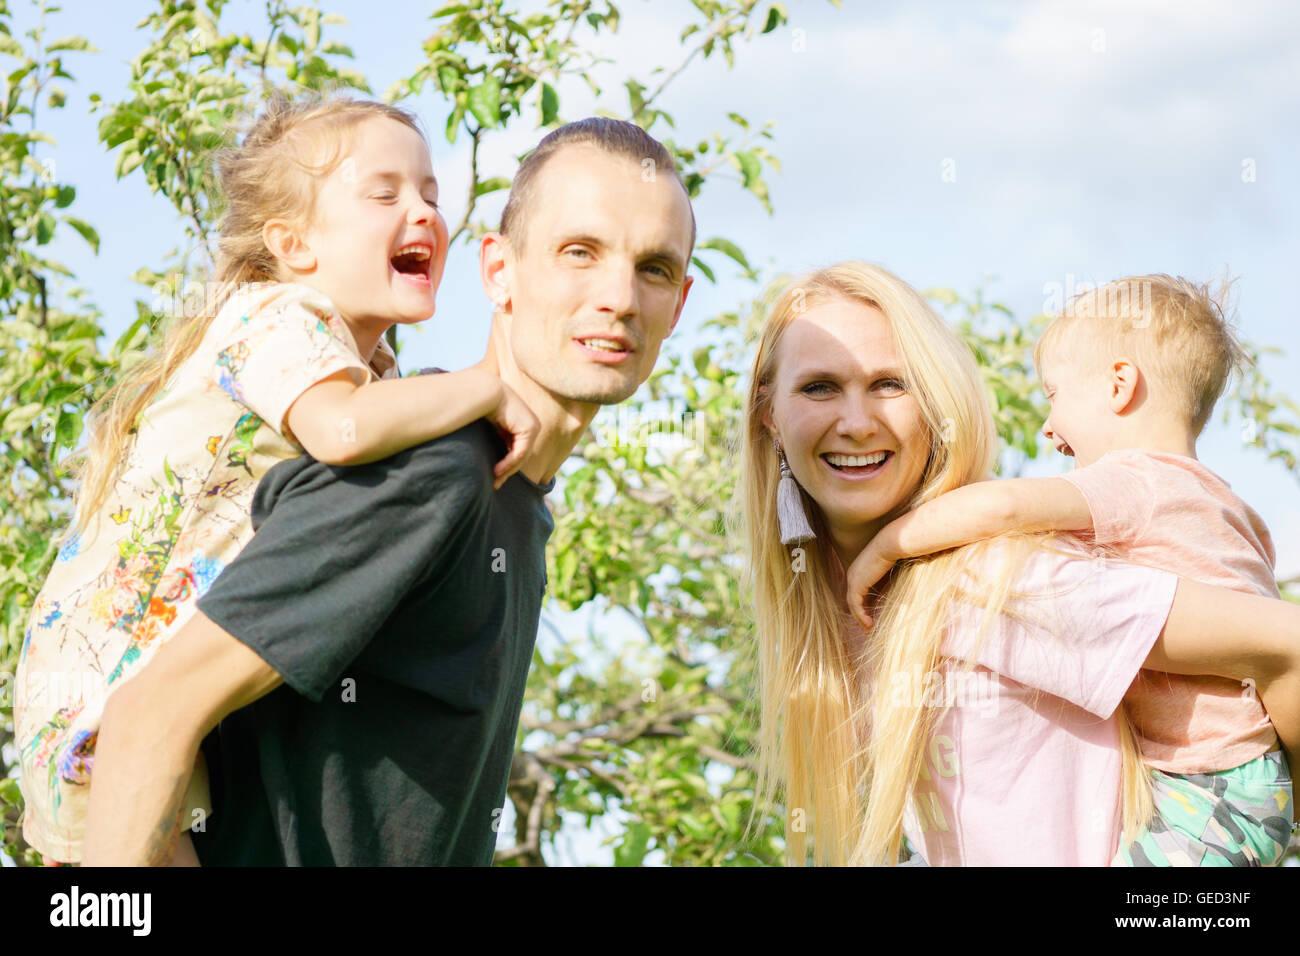 Porträt einer glücklichen Familie im freien Stockbild